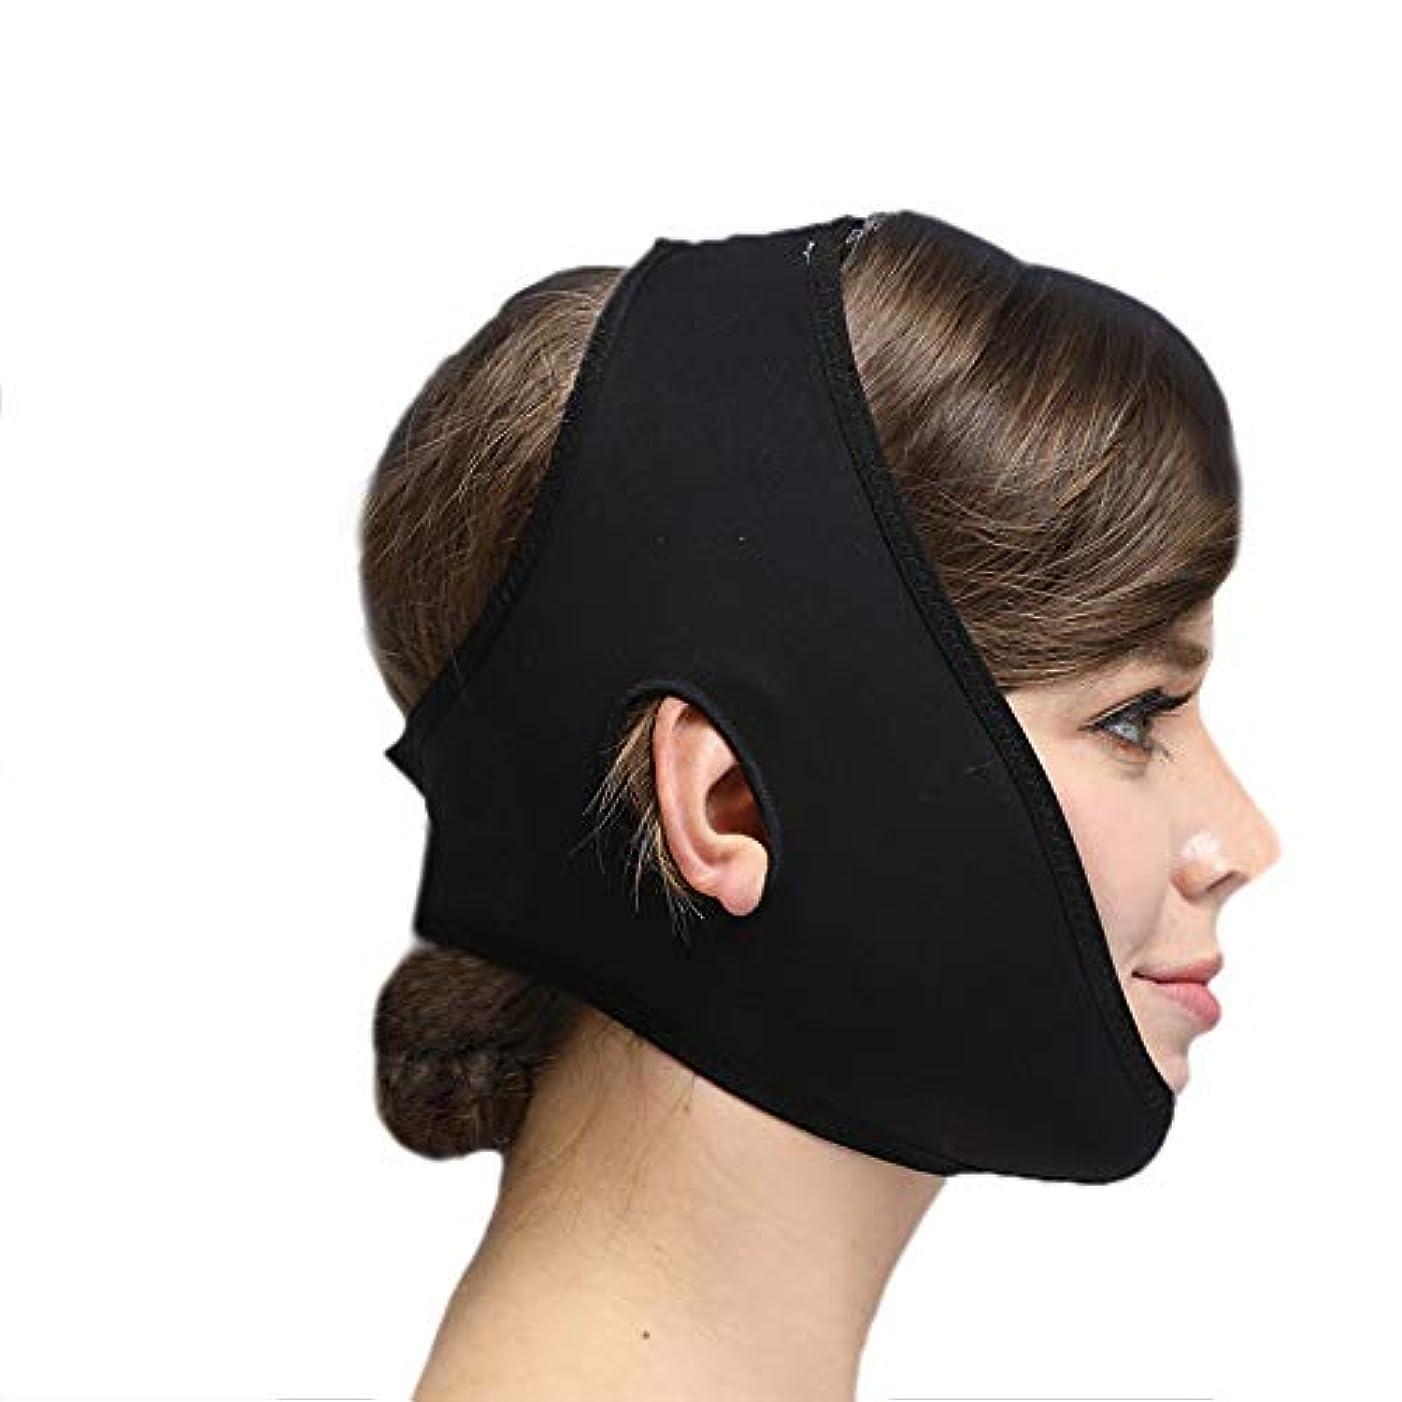 研磨泥処方XHLMRMJ 顔の痩身マスク、快適で通気性のある、顔面の持ち上がることおよび輪郭を描くことで、堅さの向上、引き締まることおよび顔を持ち上げること (Color : Black2, Size : L)